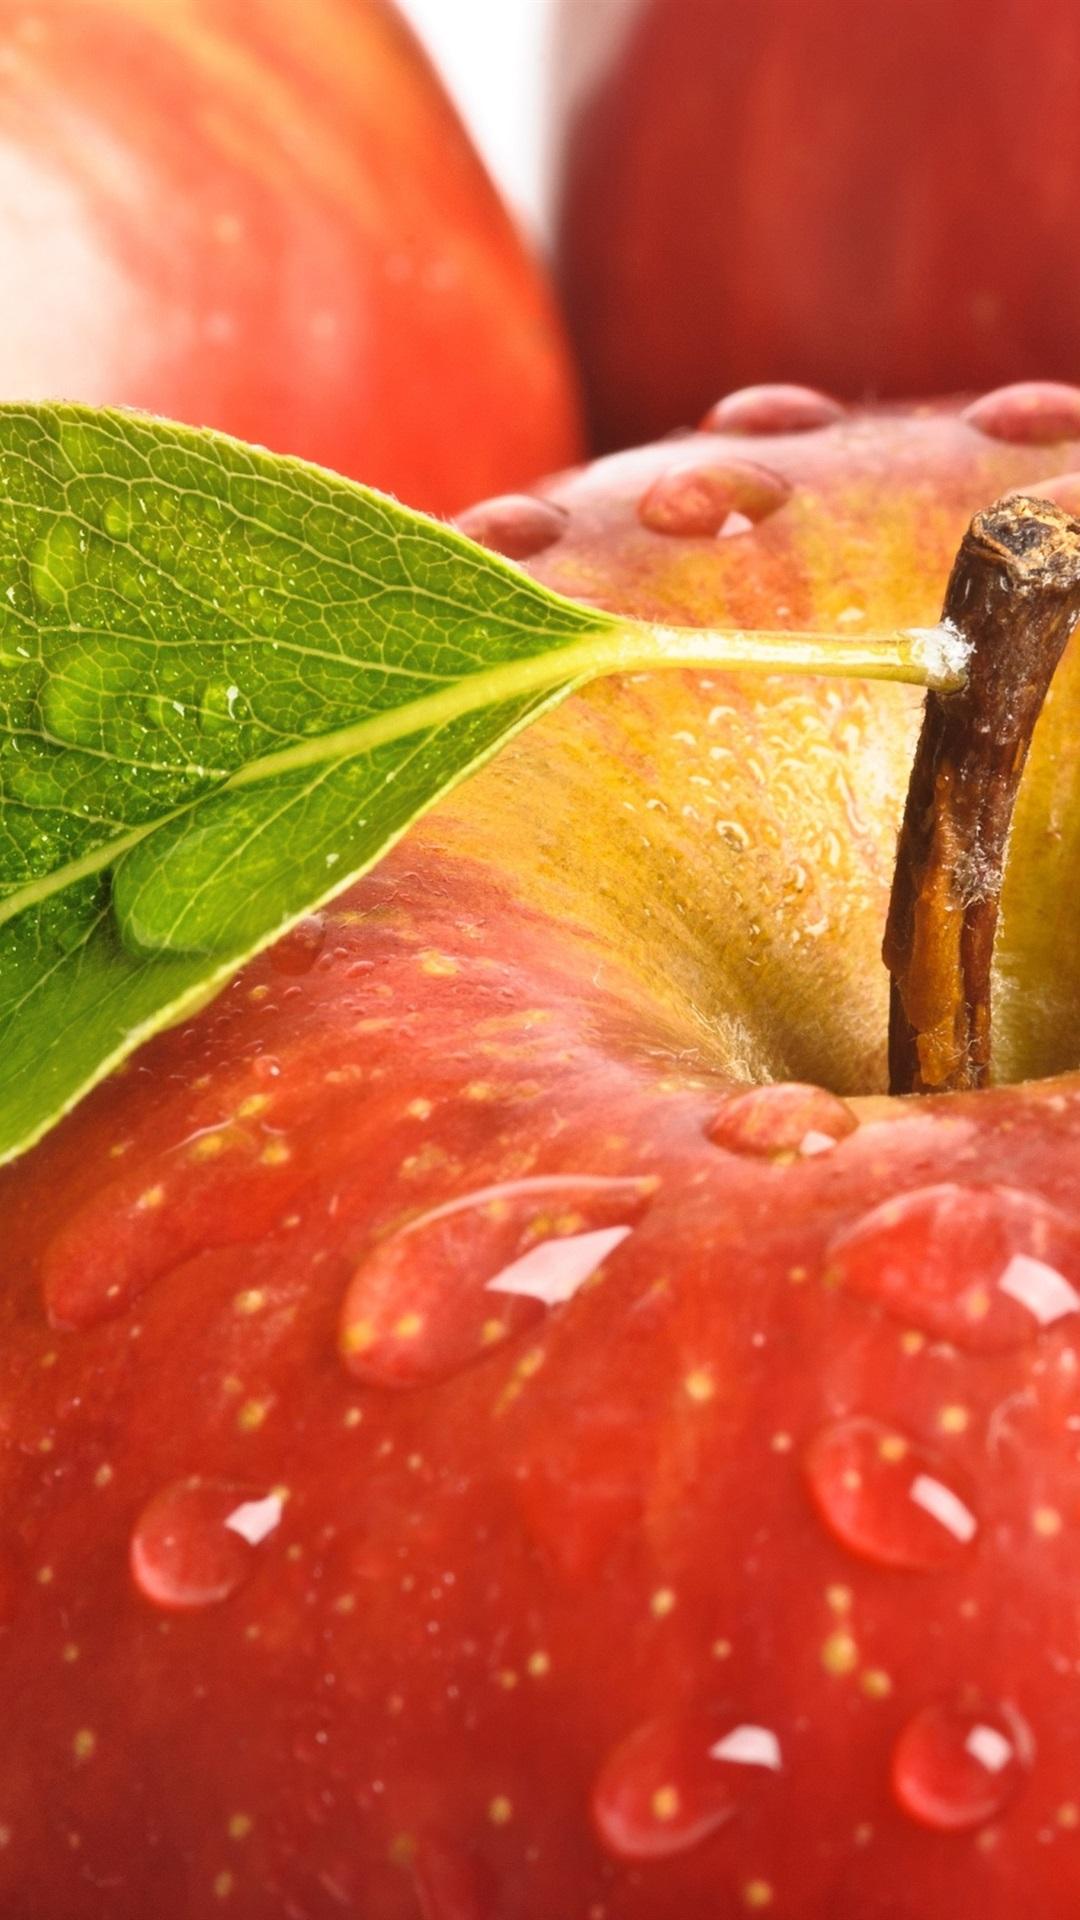 полезно картинки телефона яблока разберём, как